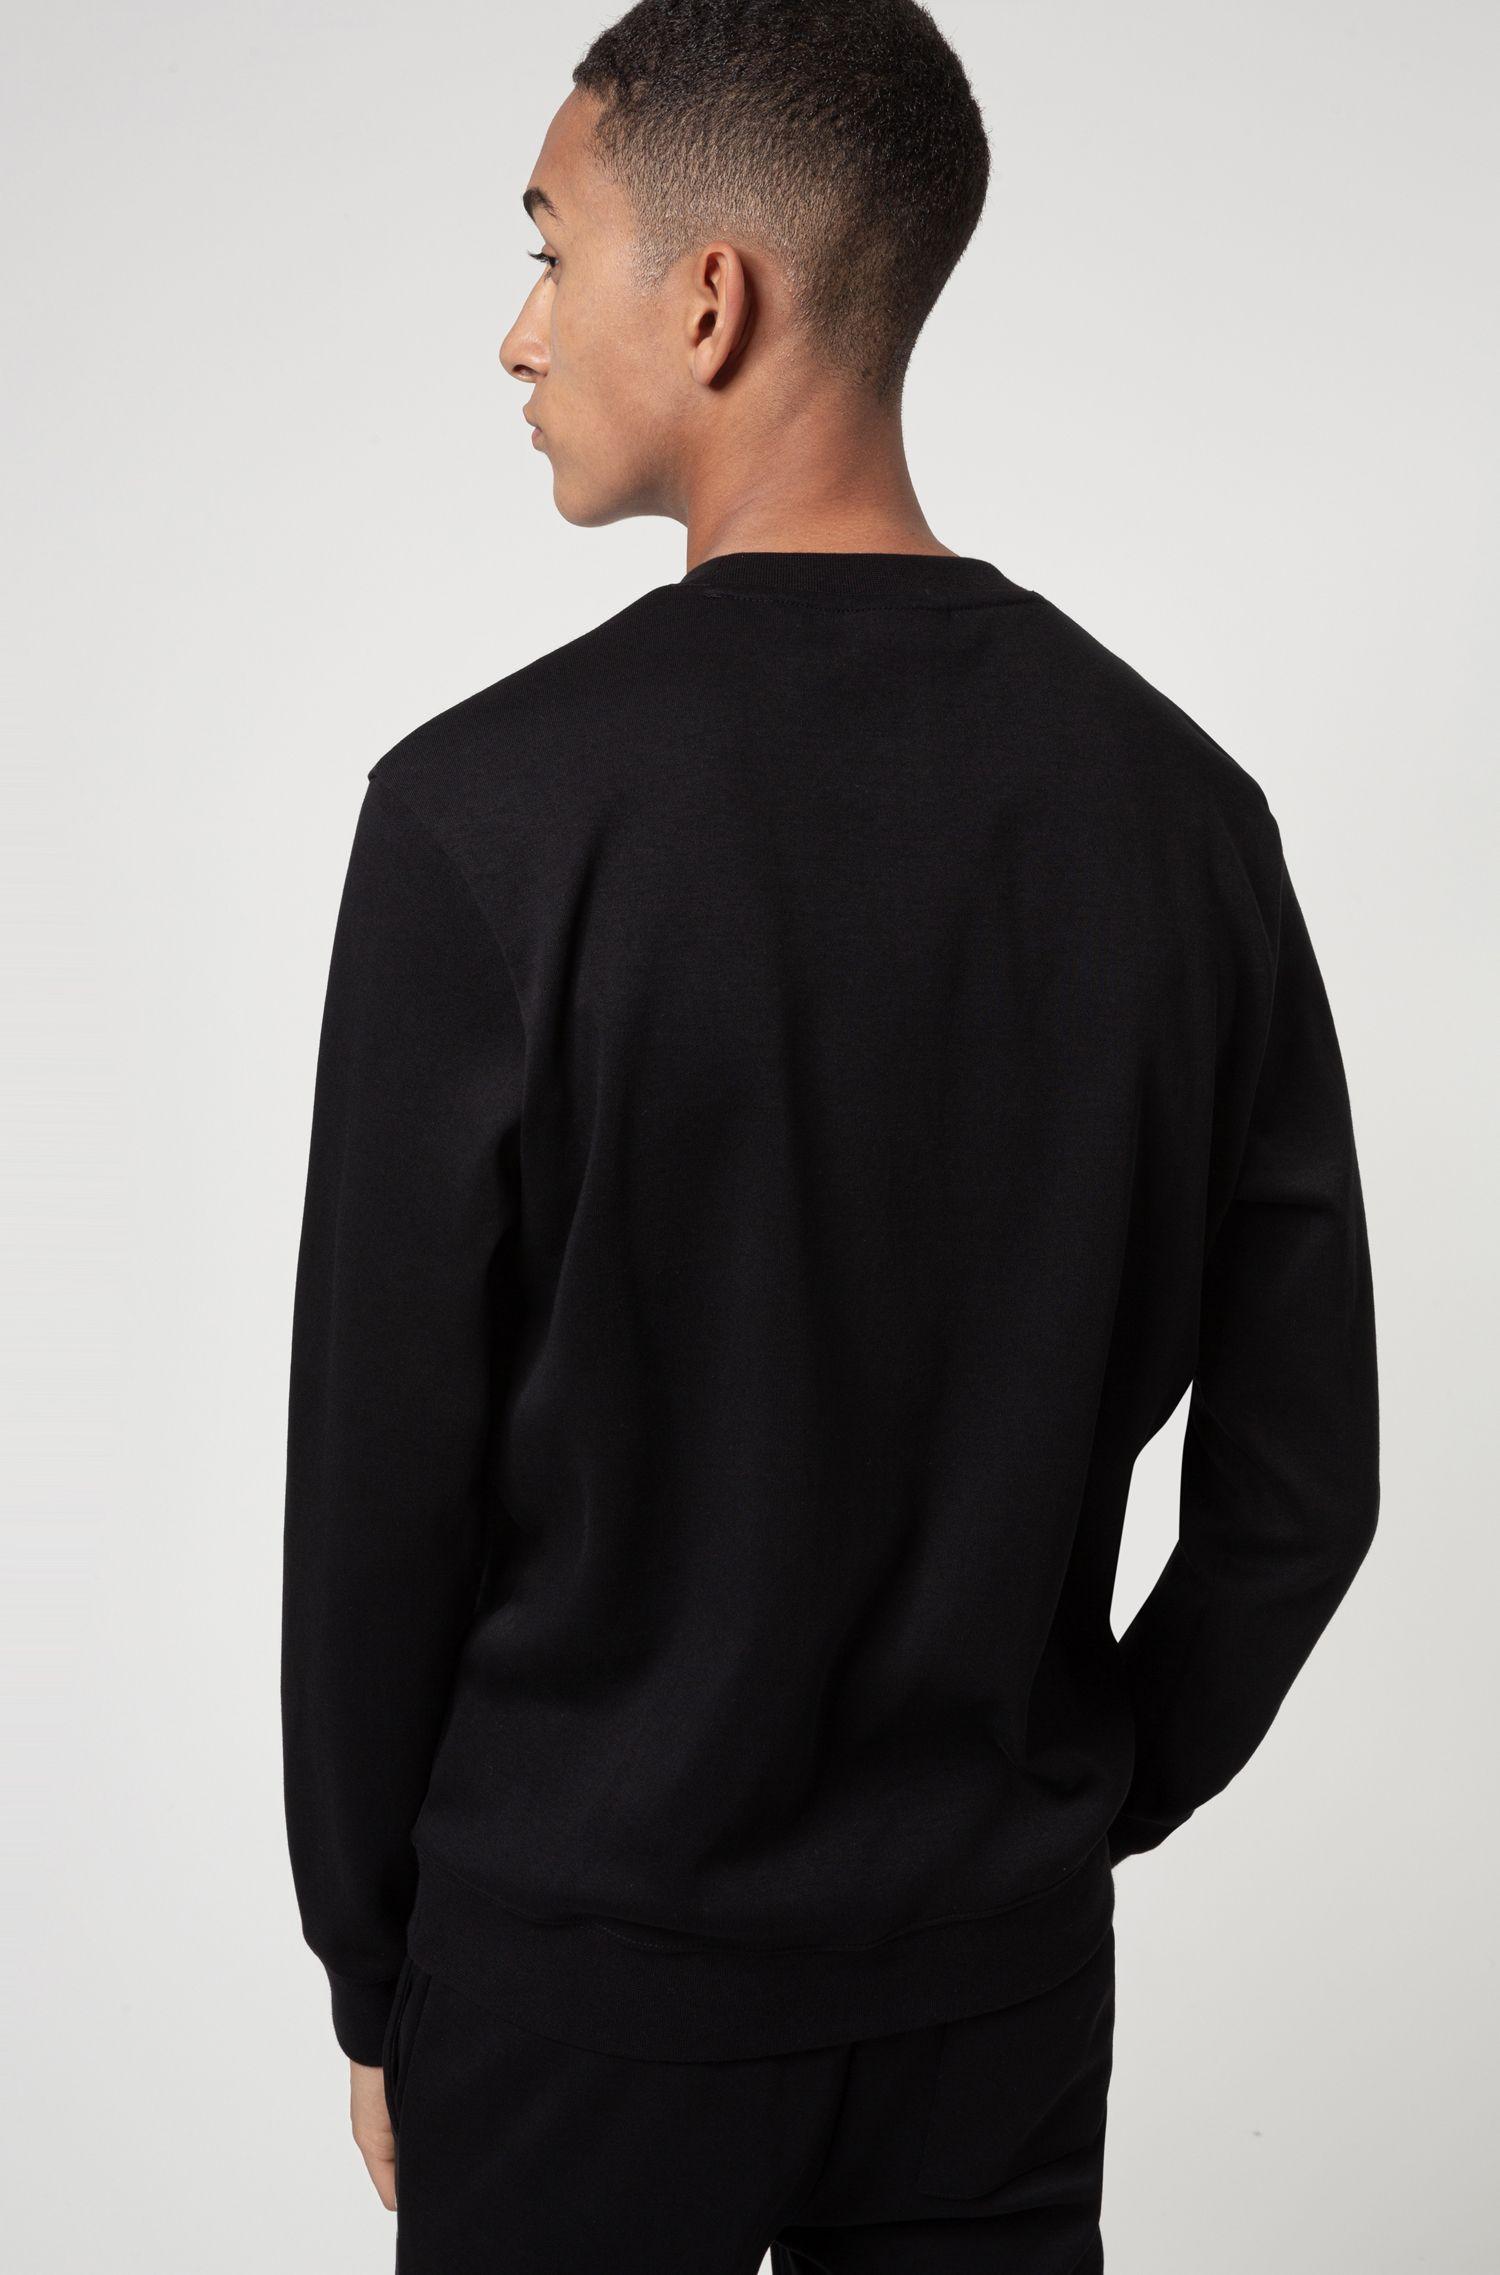 Sweatshirt in woven cotton with logo HUGO | Sweatshirt | 50436126001